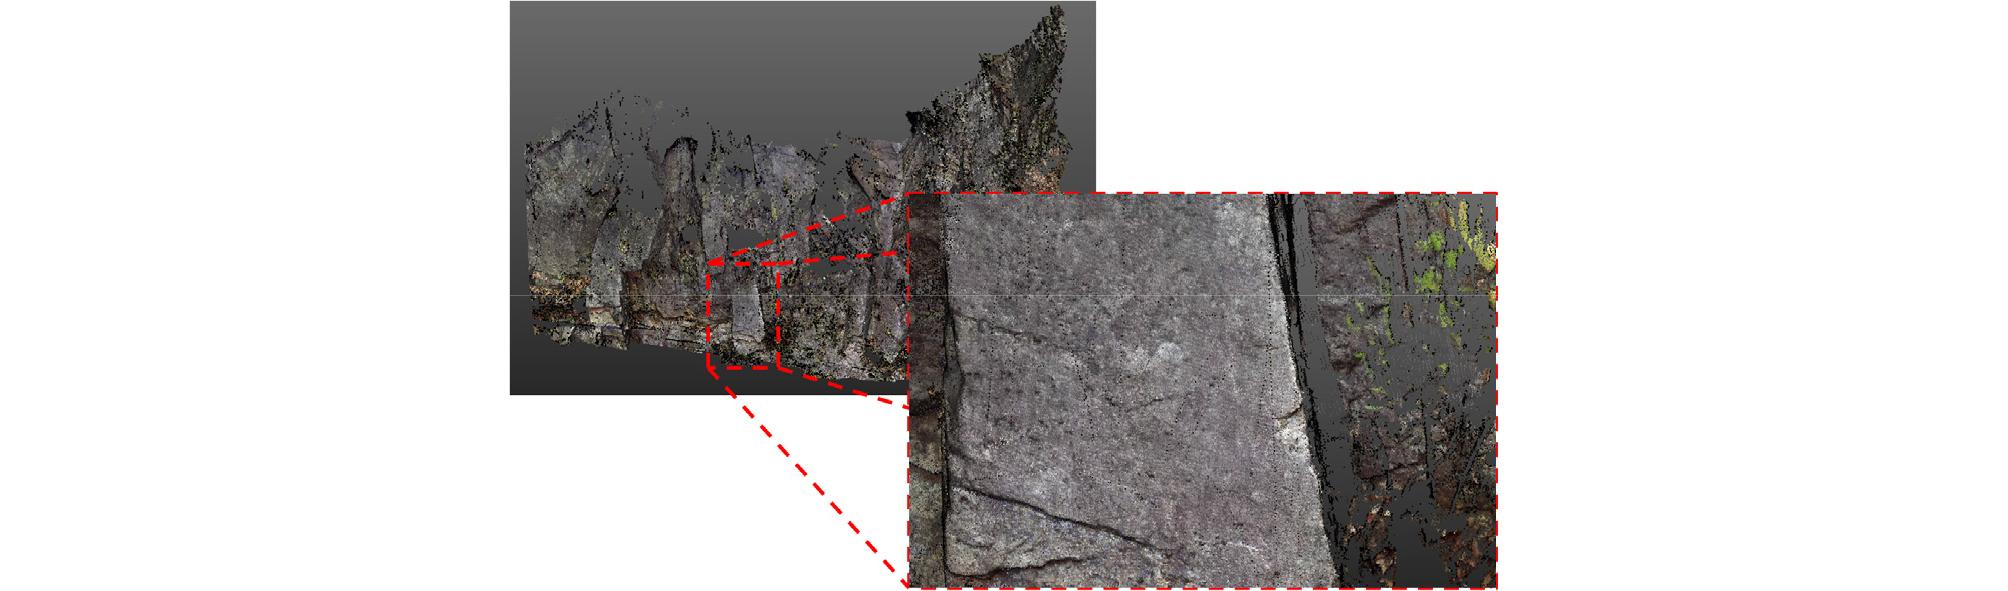 http://static.apub.kr/journalsite/sites/kseg/2019-029-03/N0520290305/images/kseg_29_03_05_F7.jpg